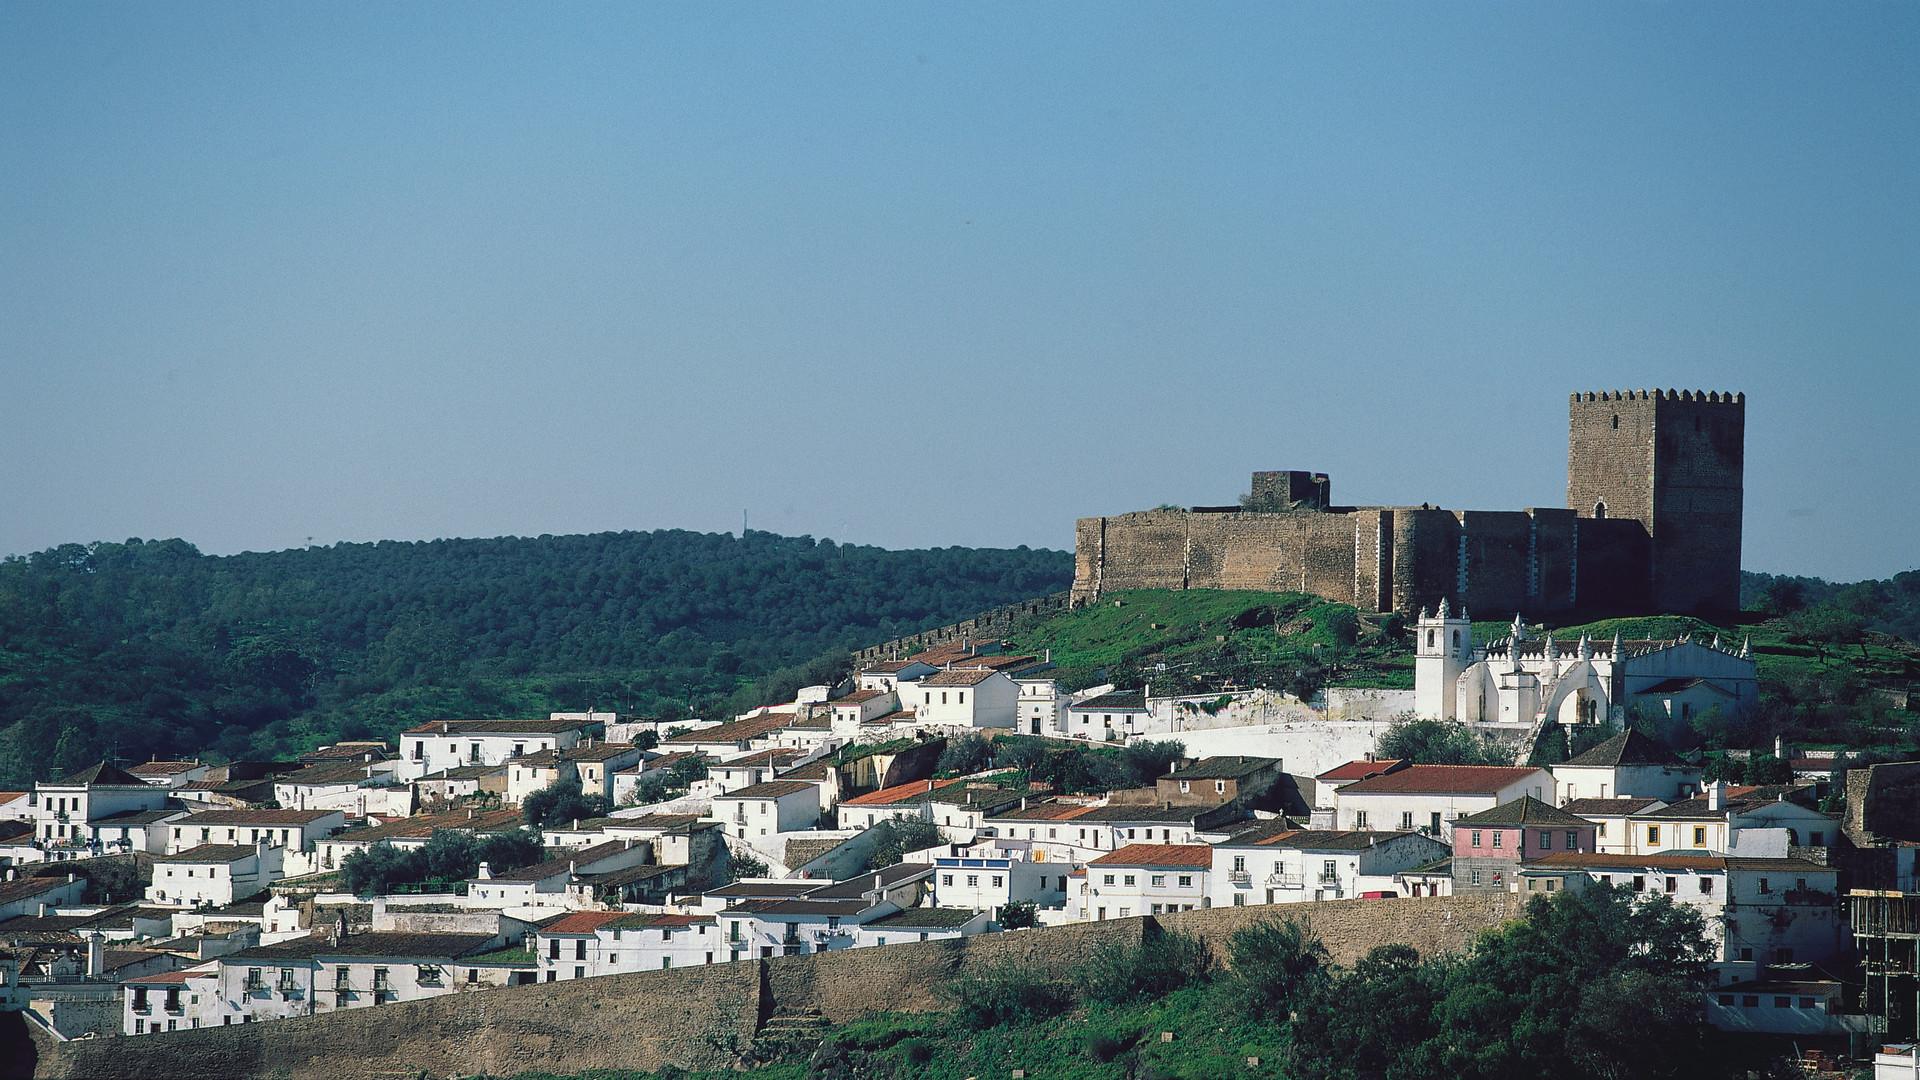 Kasteel en stadje Mertola, Alentejo, Portugal